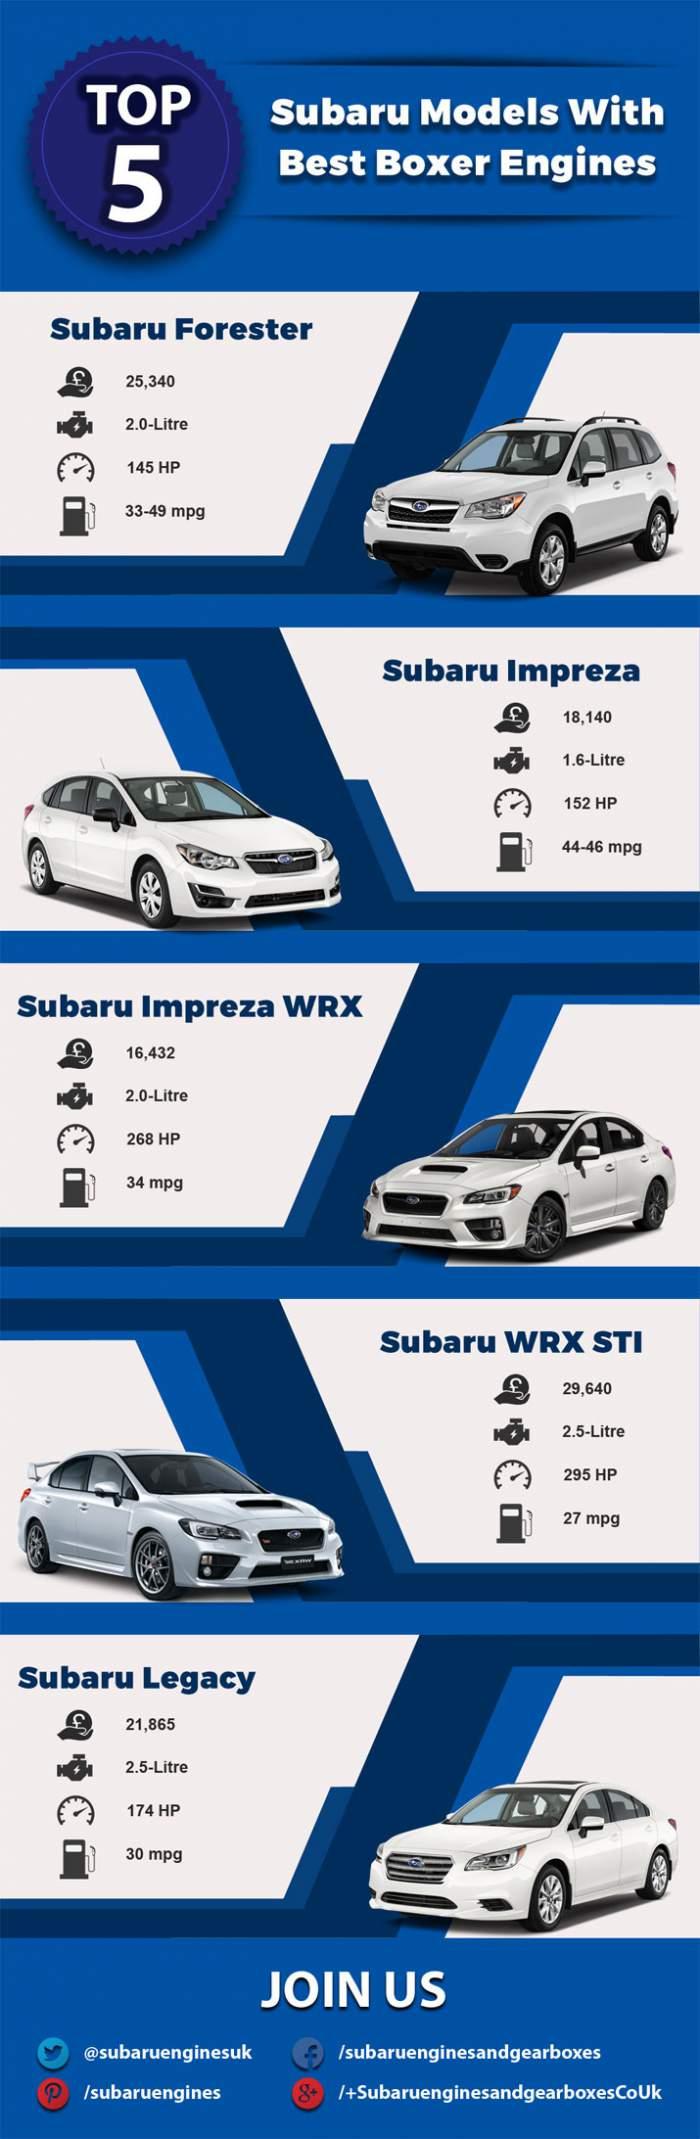 5 Subaru Models